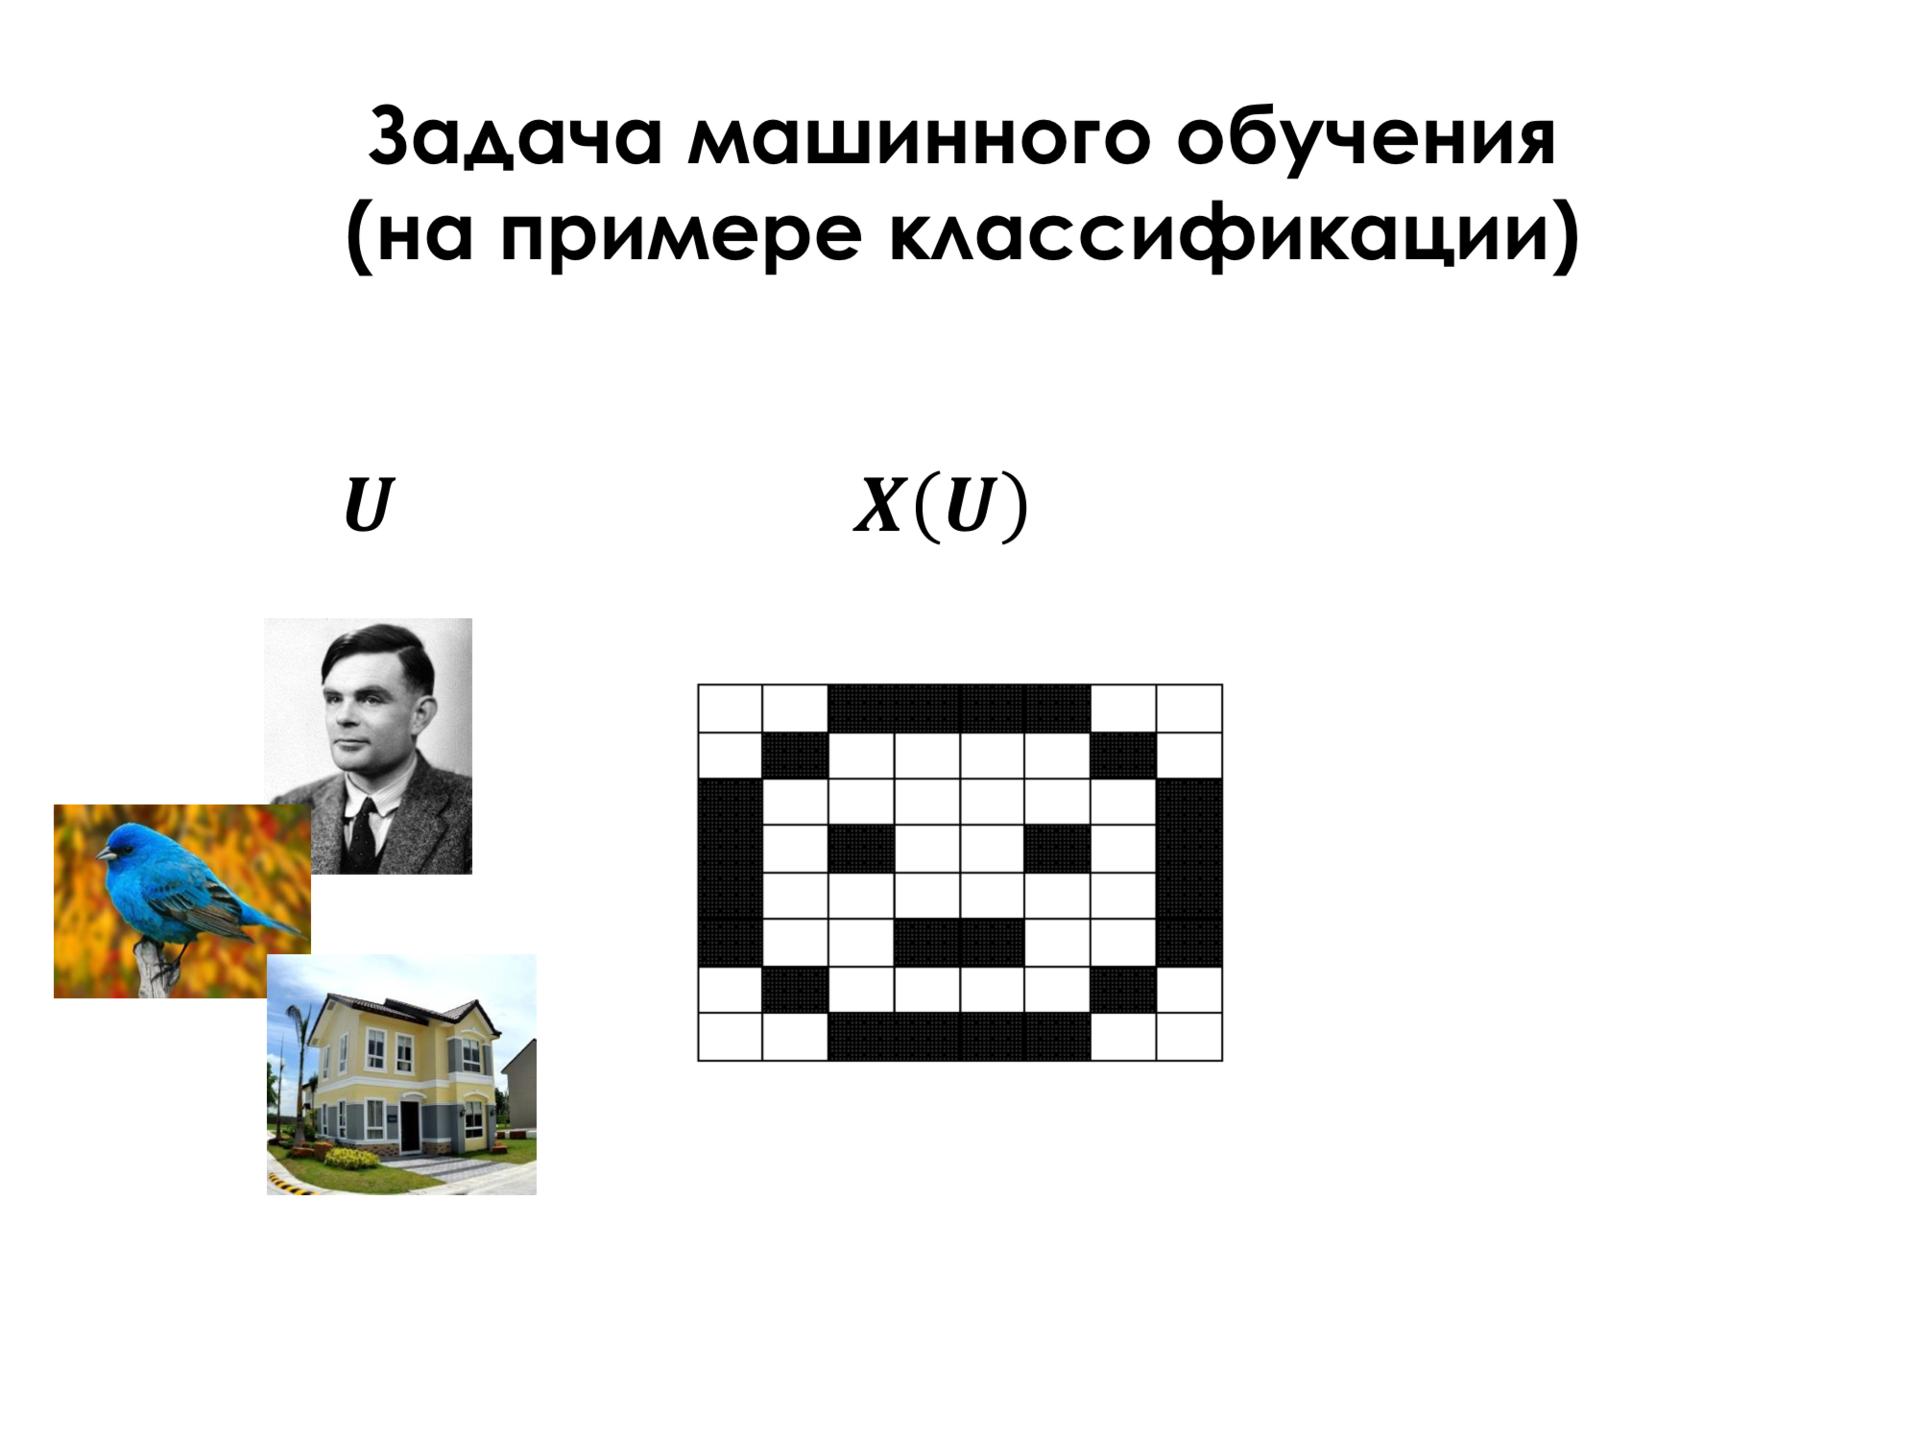 Самое главное о нейронных сетях. Лекция в Яндексе - 3